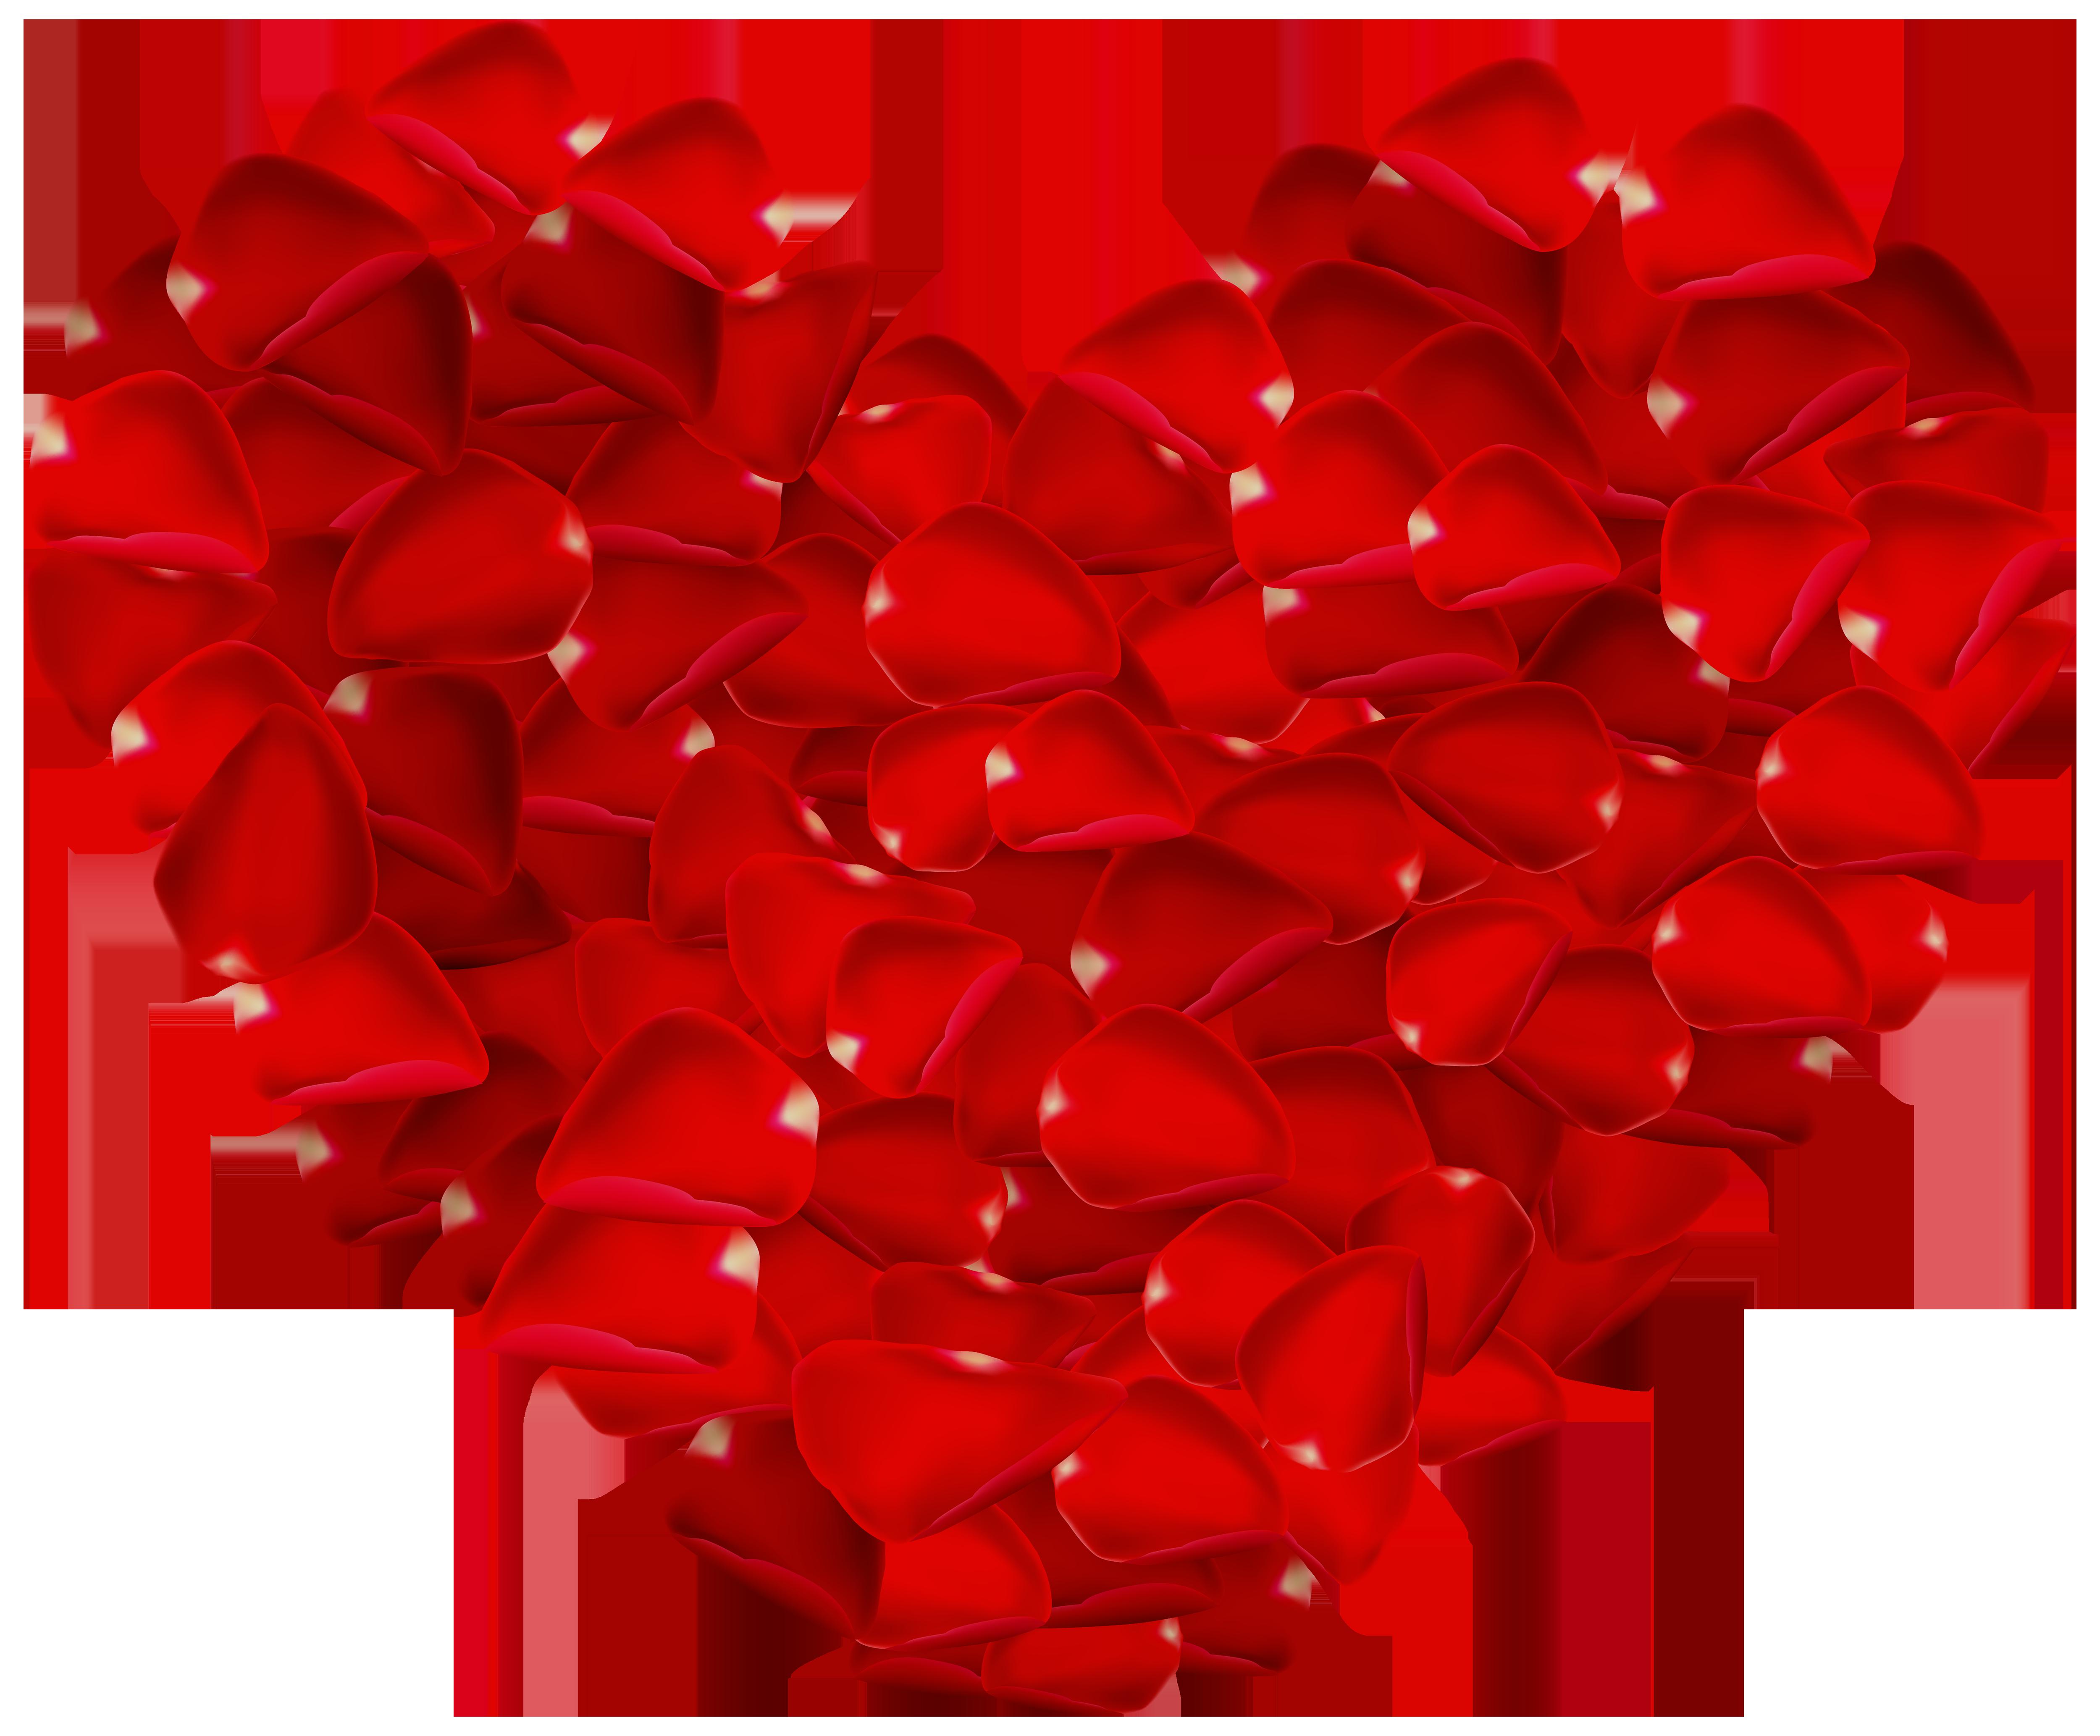 Rose petals heart.